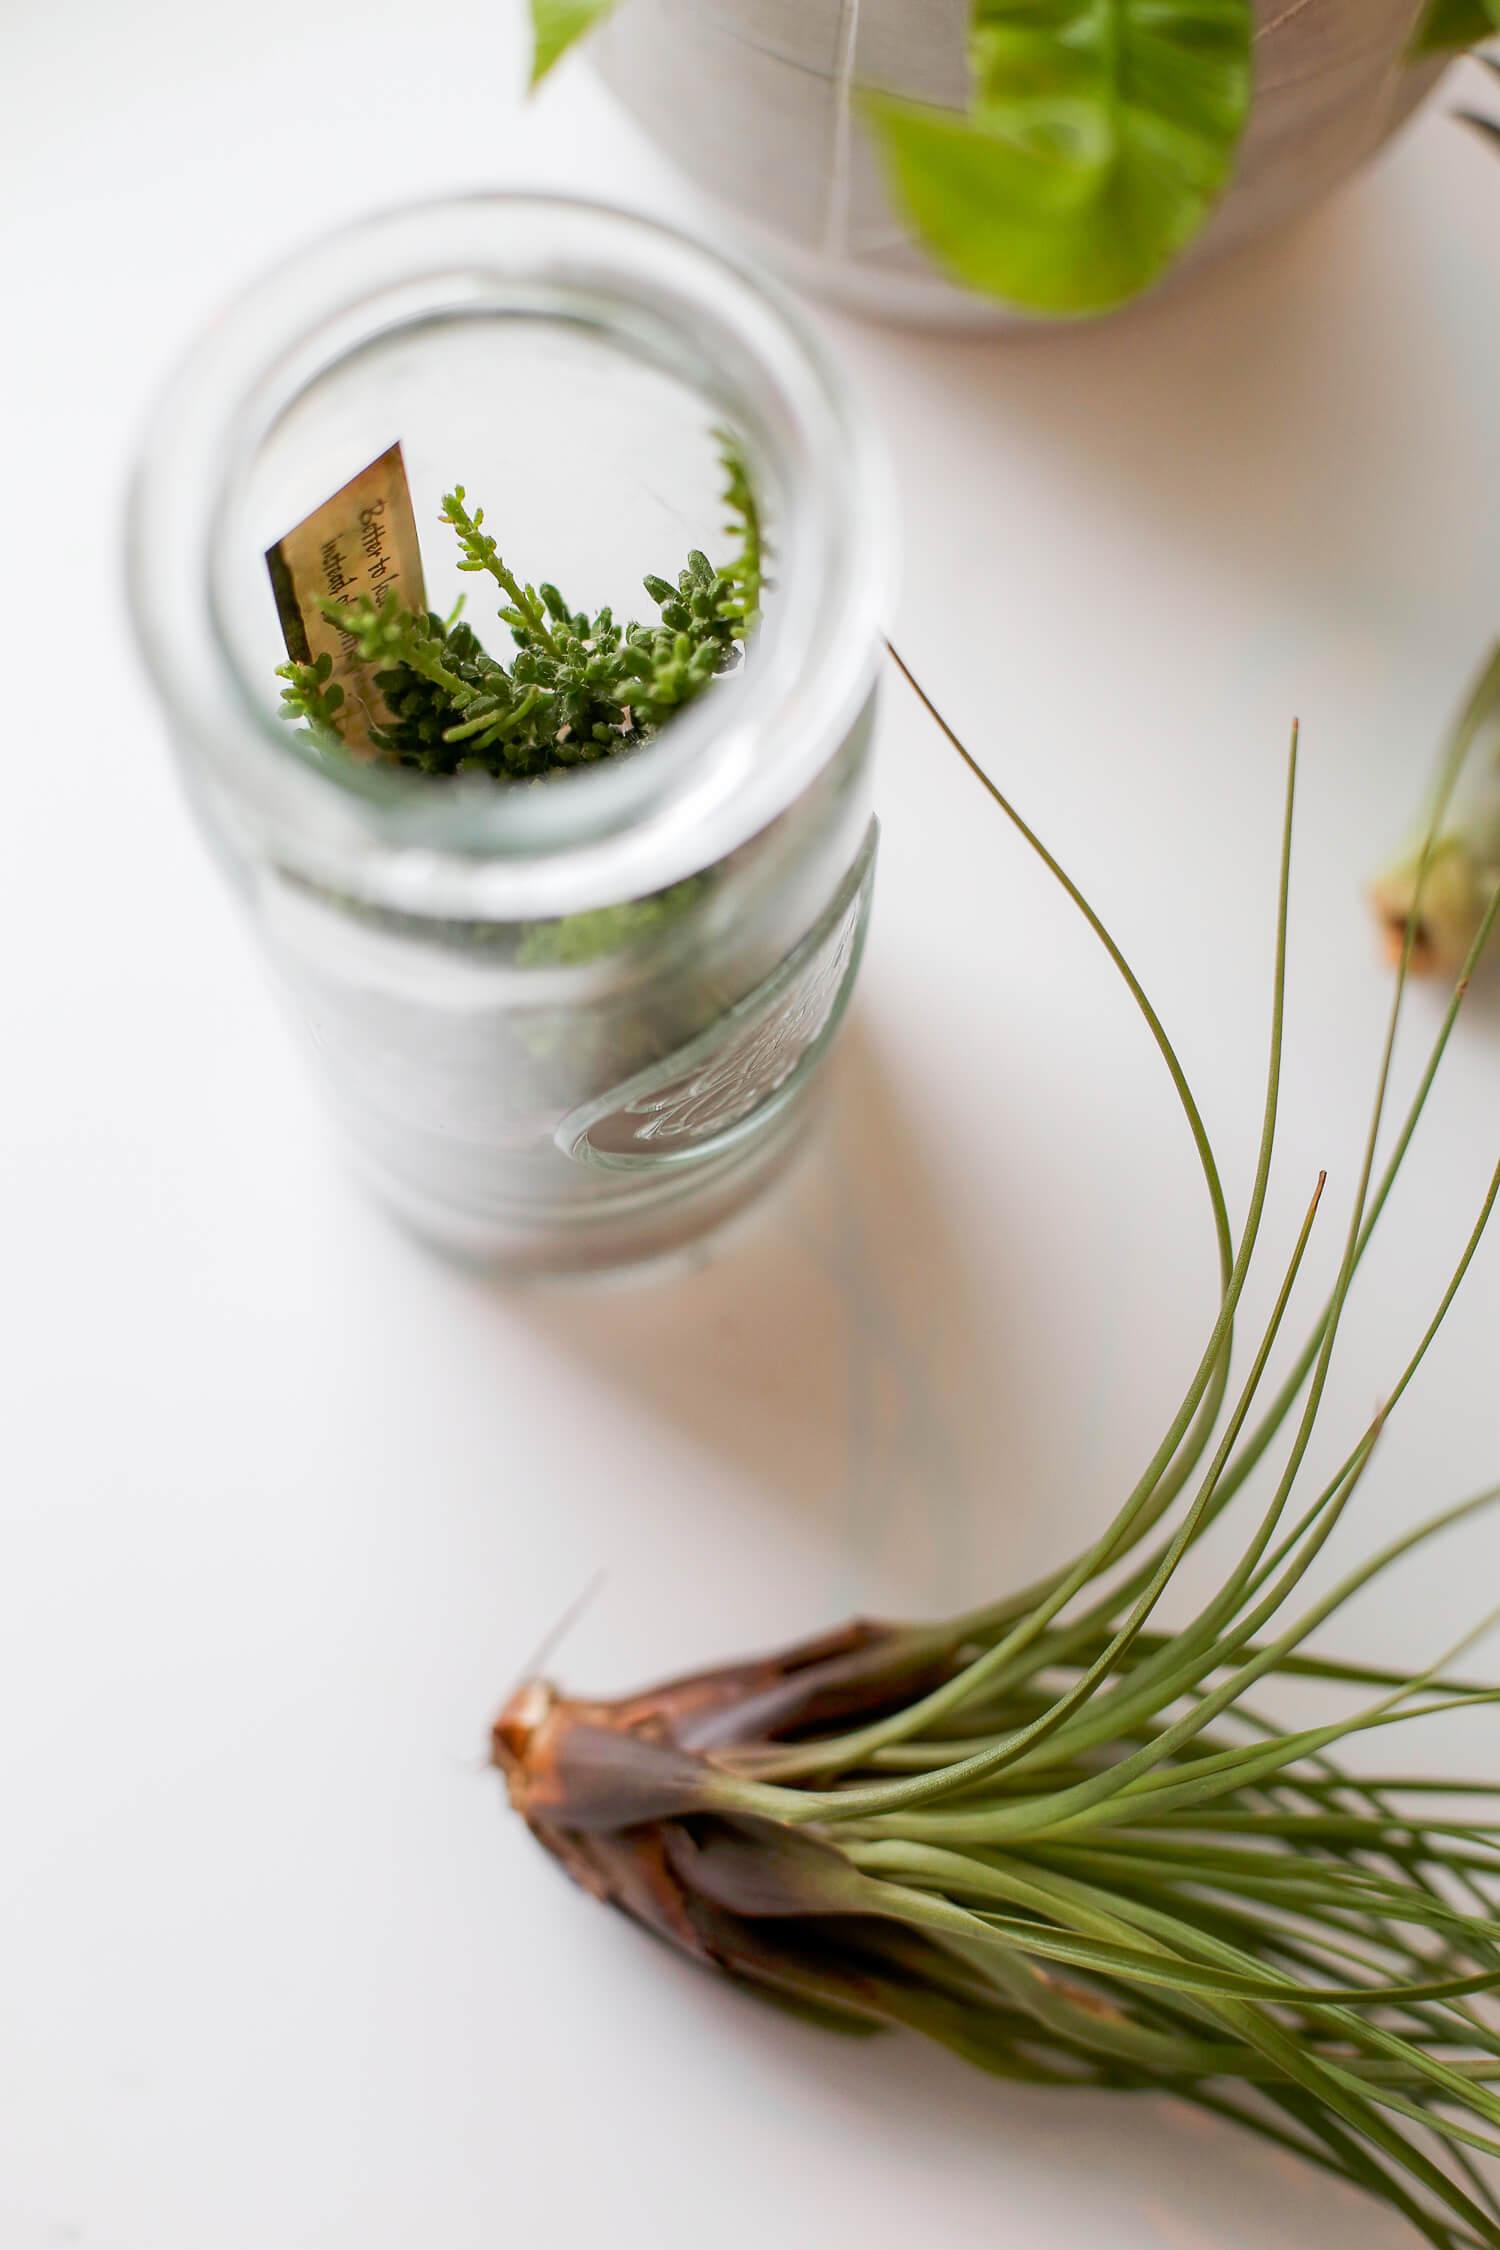 Lasiruukussa sisällä oleva kasvi ei paljon tarvitse kastelua, niinkuin ei pieni ilmakasvikaan. Ilmakasvin voi upottaa veteen kerran pari kuussa.